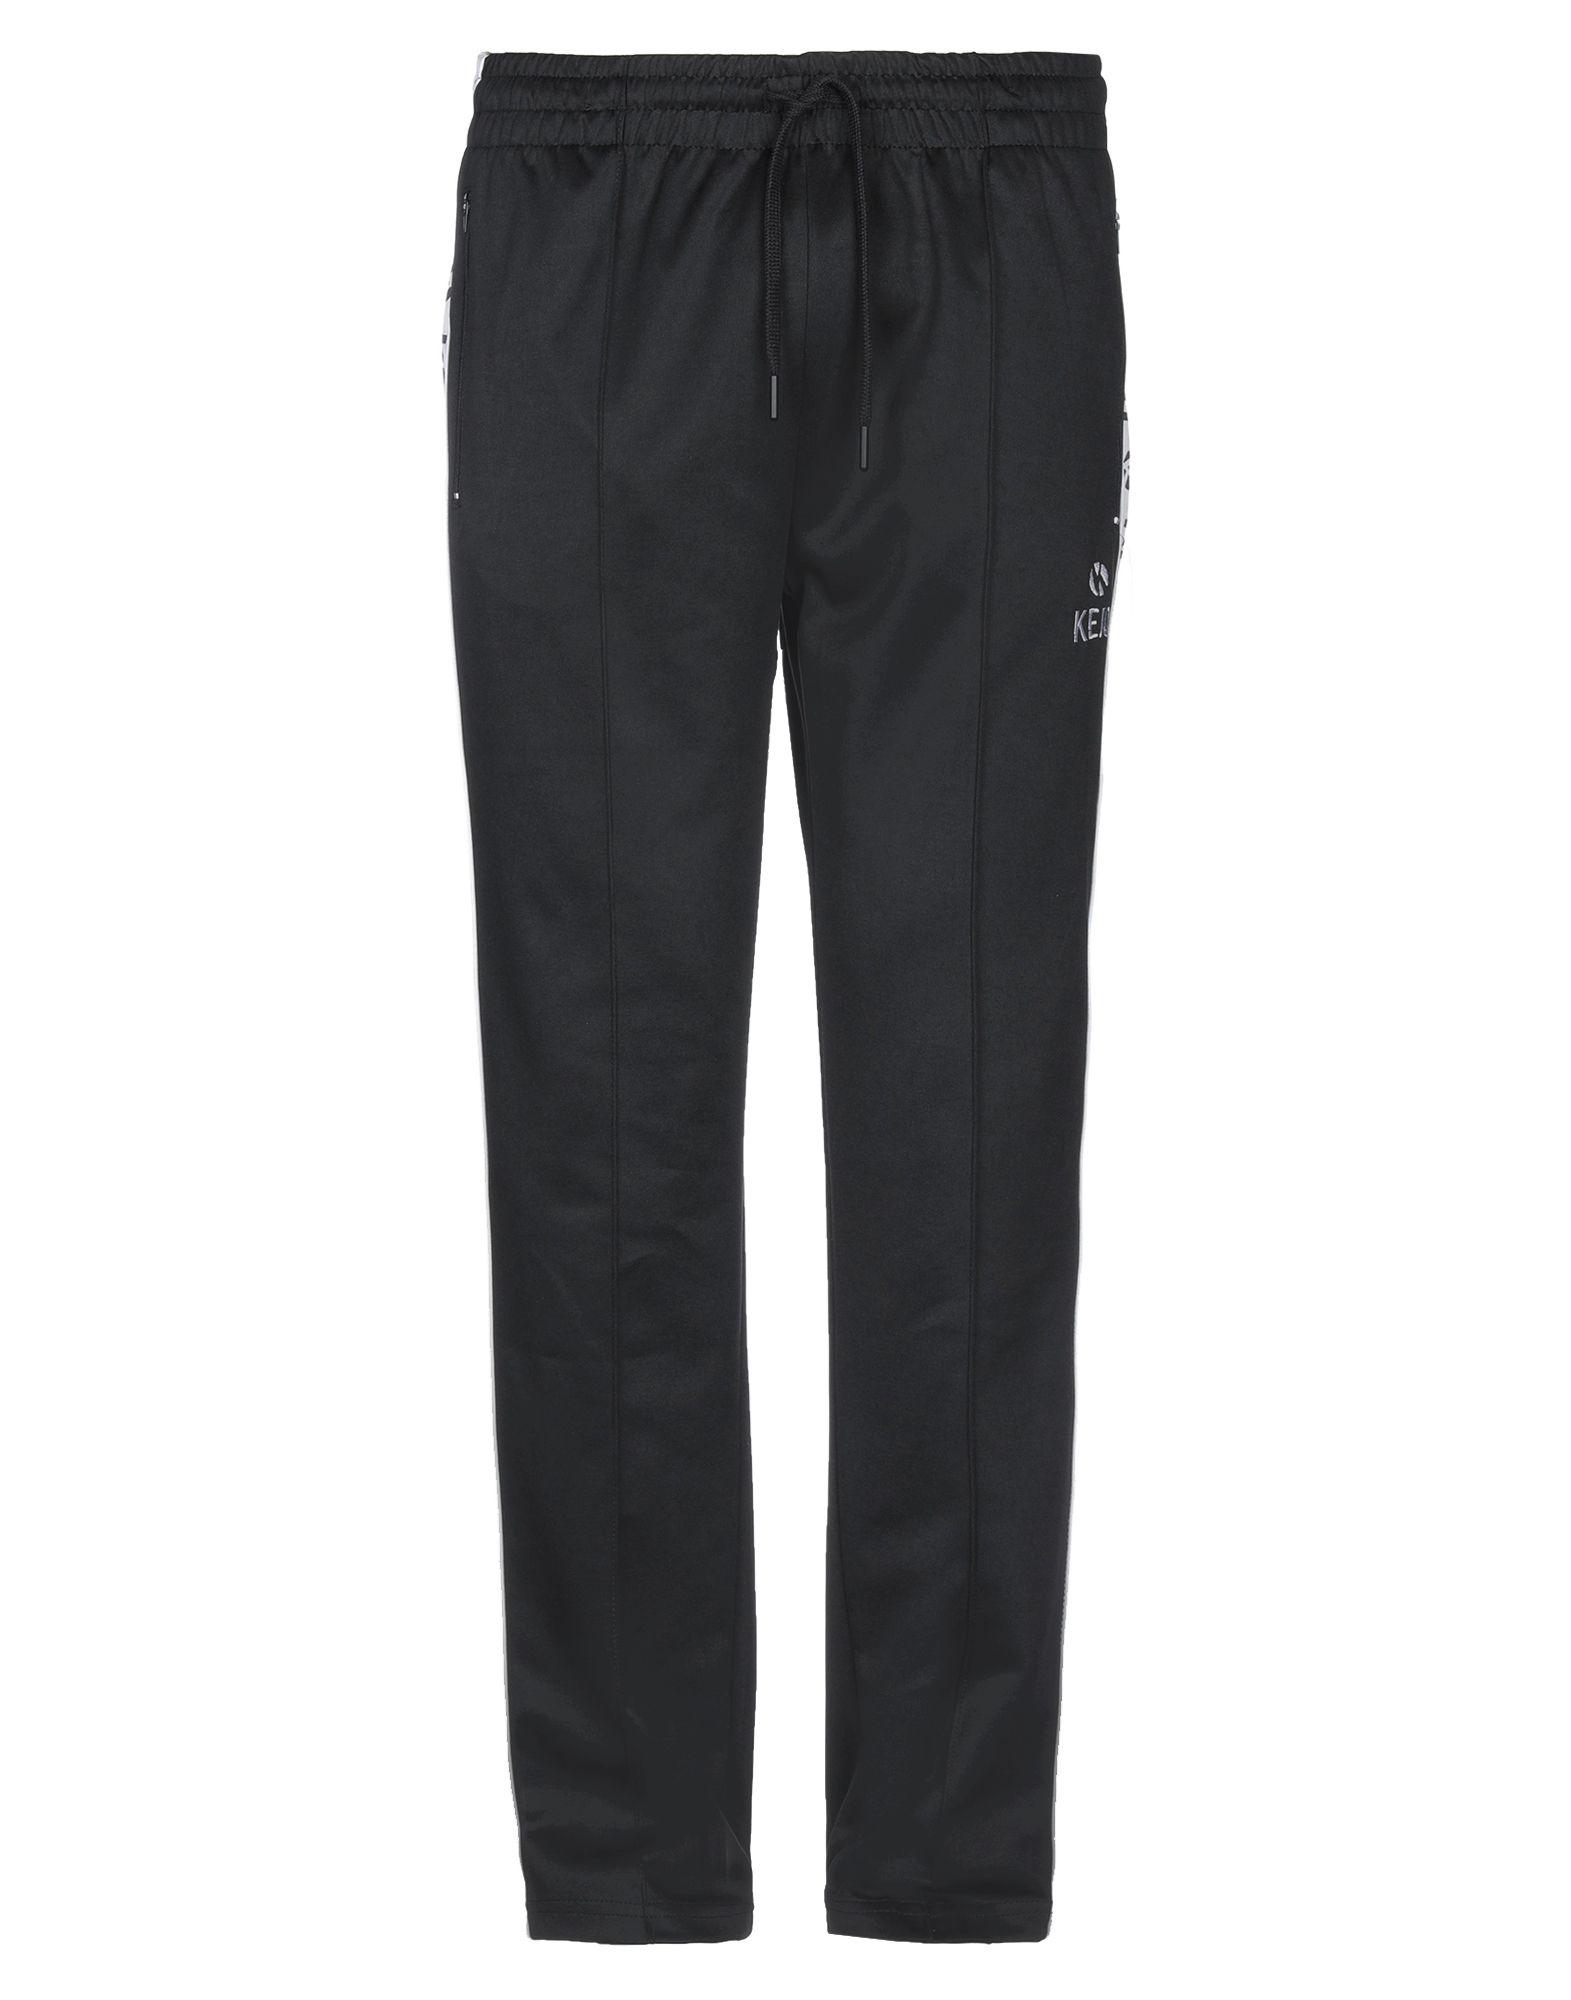 《セール開催中》KEJO メンズ パンツ ブラック XL ポリエステル 70% / コットン 25% / ポリウレタン 5%